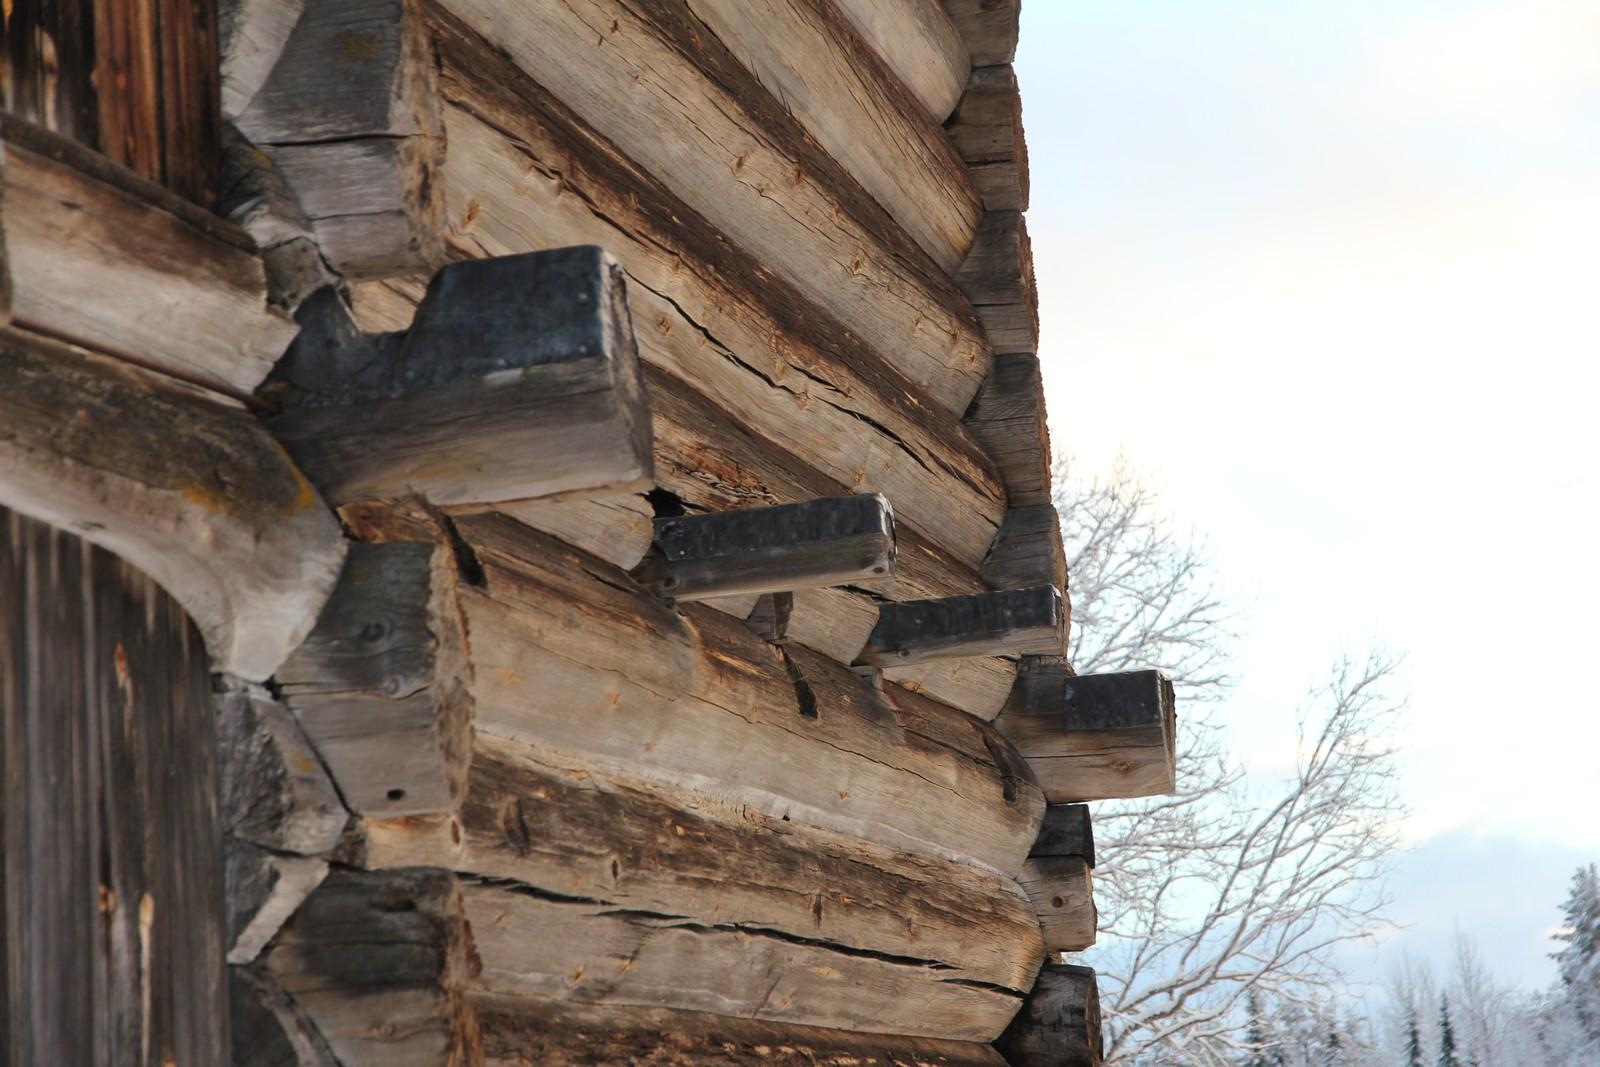 På sidene stikker det ut stokker som en gang hadde vært en del av en svalgang. Loftet har ikke stått på samme plass hele tiden. Bonden på Vindlaus kjøpte bygningen i 1820, og flyttet det dit det er nå. Opprinnelig hadde det svalganger oppe. Men det heter seg at bonden på Vindlaus ikke hadde råd til å bygge nytt tak over hele loftet. Så da kappet han av svalgangen. Og derfor ser det litt enkelt og simpelt ut i dag. – Det her var jo lenge før Riksantikvaren var påtenkt. Men bygdefolket likte det dårlig at han hadde skamfert loftet slik, sier Dag Rorgemoen.